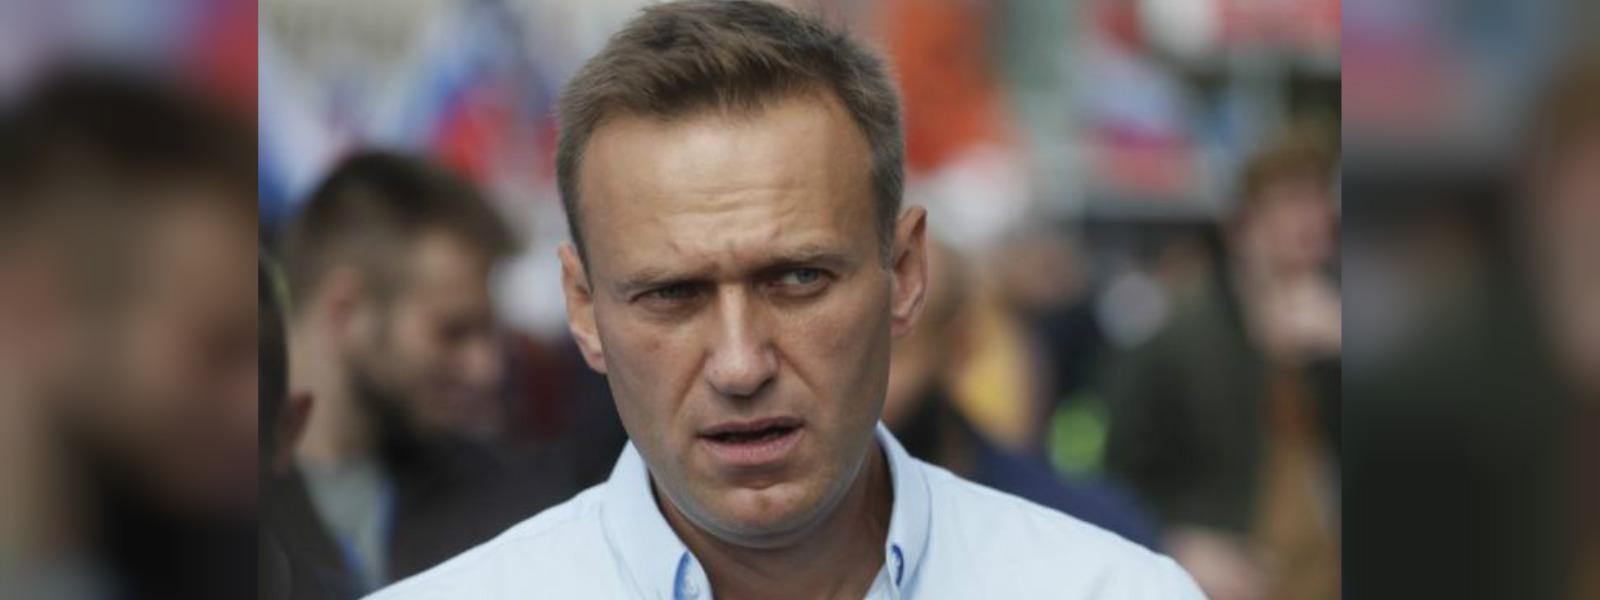 Jailed Russian opposition leader develops 'allergy'